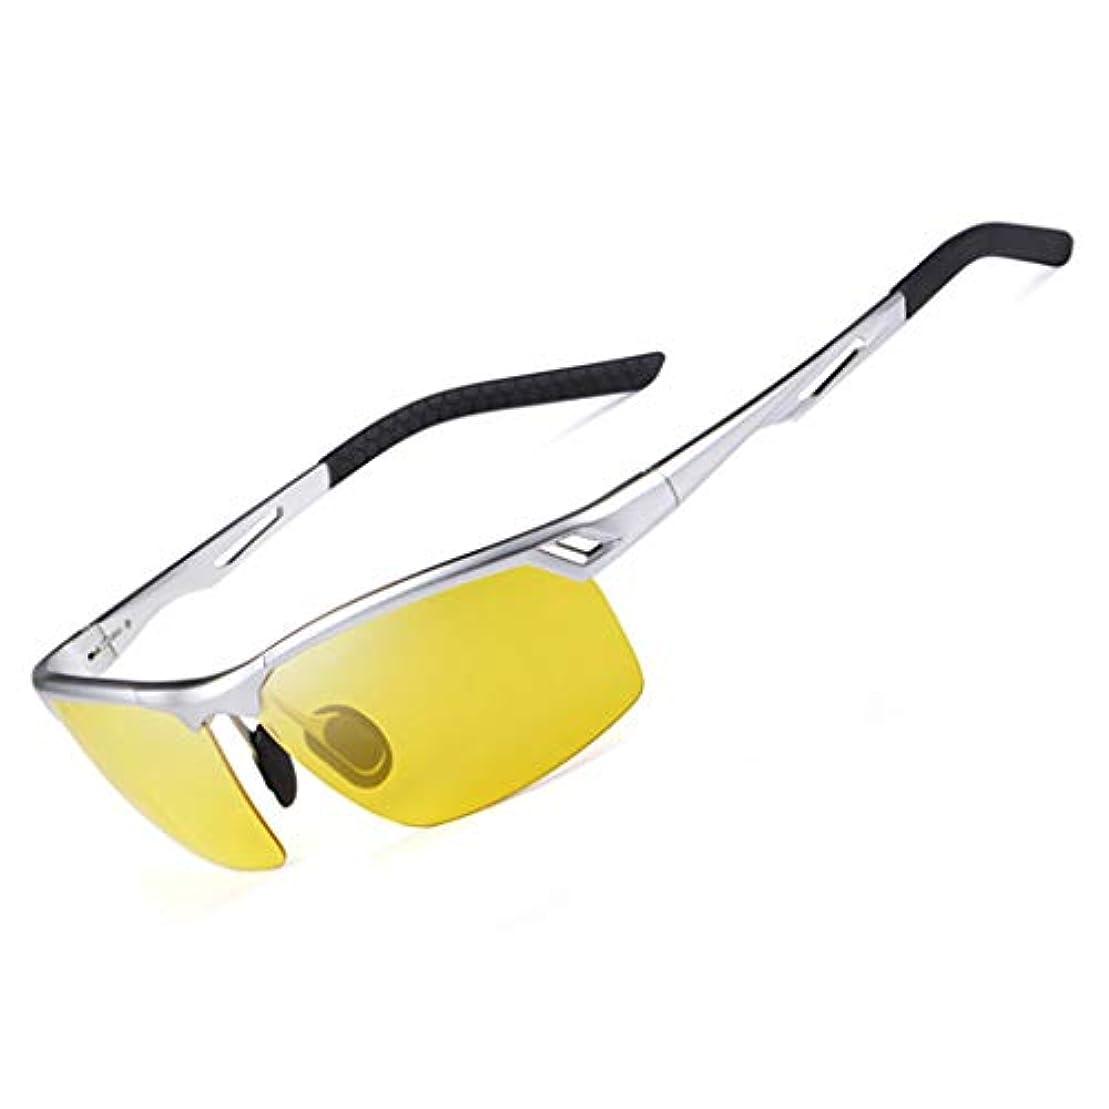 謝罪移住する緩む夜間運転用メガネ雨、霧、夜間運転用の防眩偏光全天候型メガネを運転するための男性用HDナイトビジョンメガネ-交通安全運転の改善